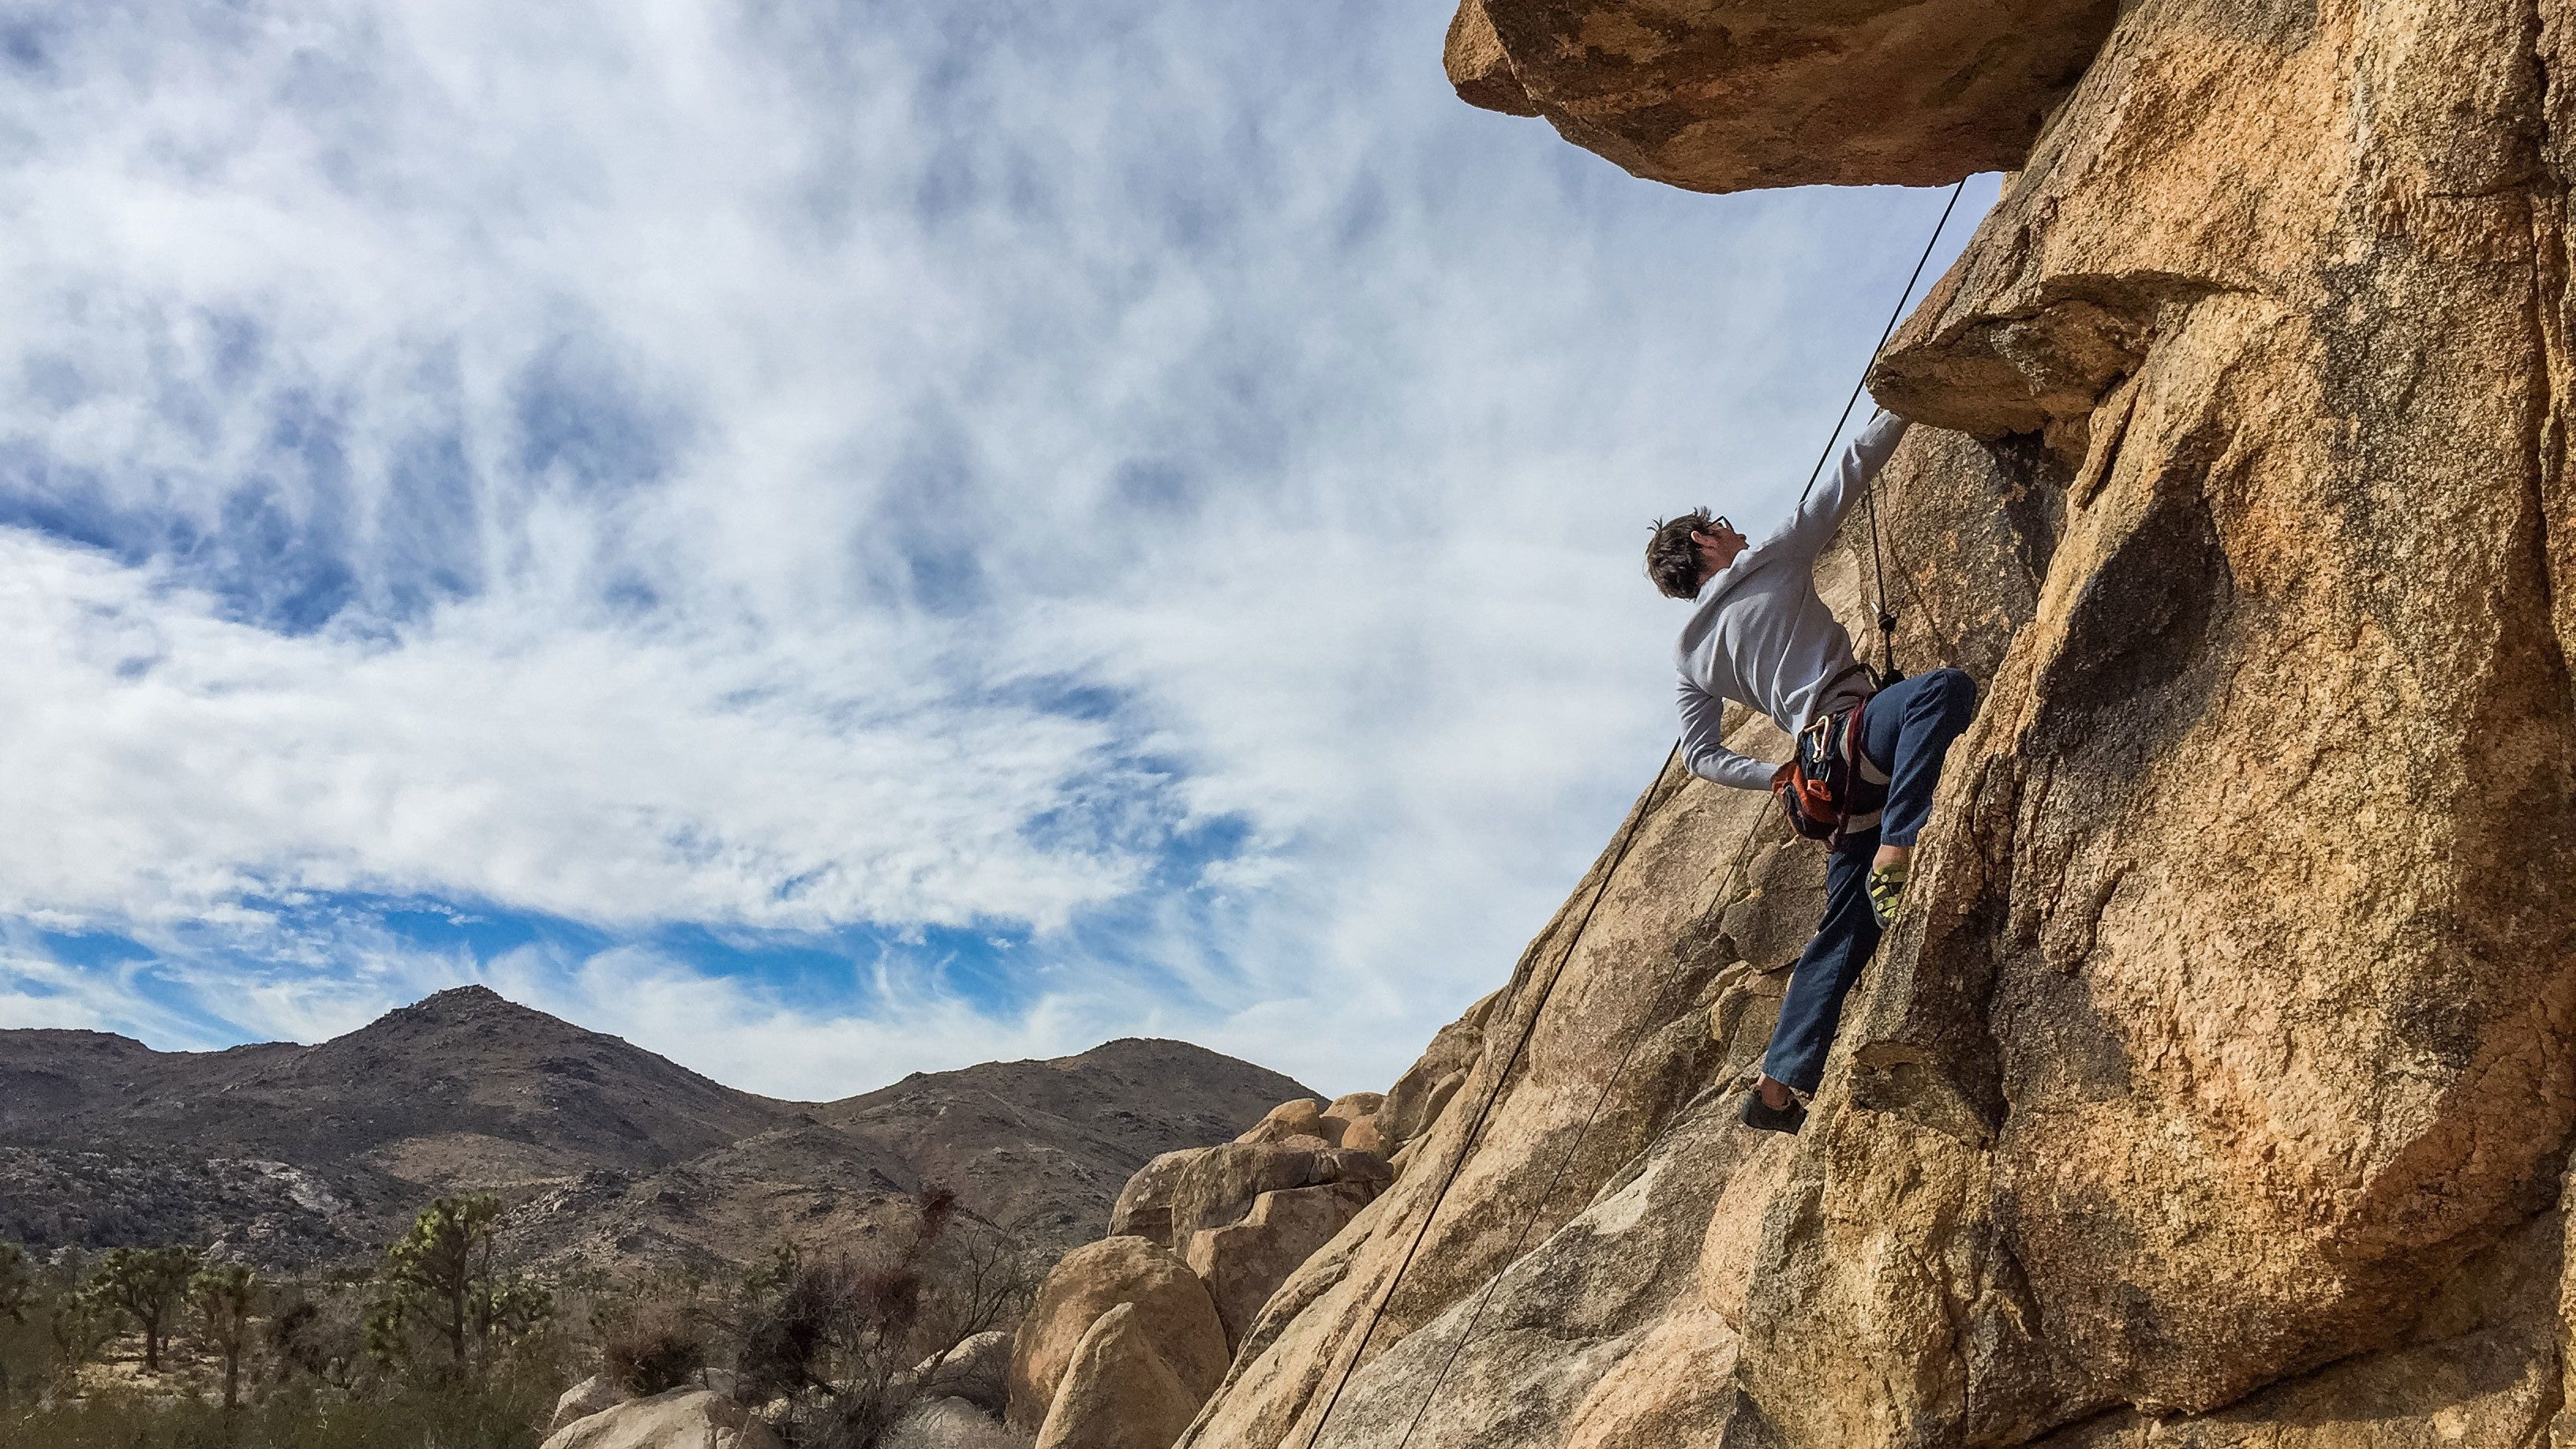 Man rock climbing in Ontario, California